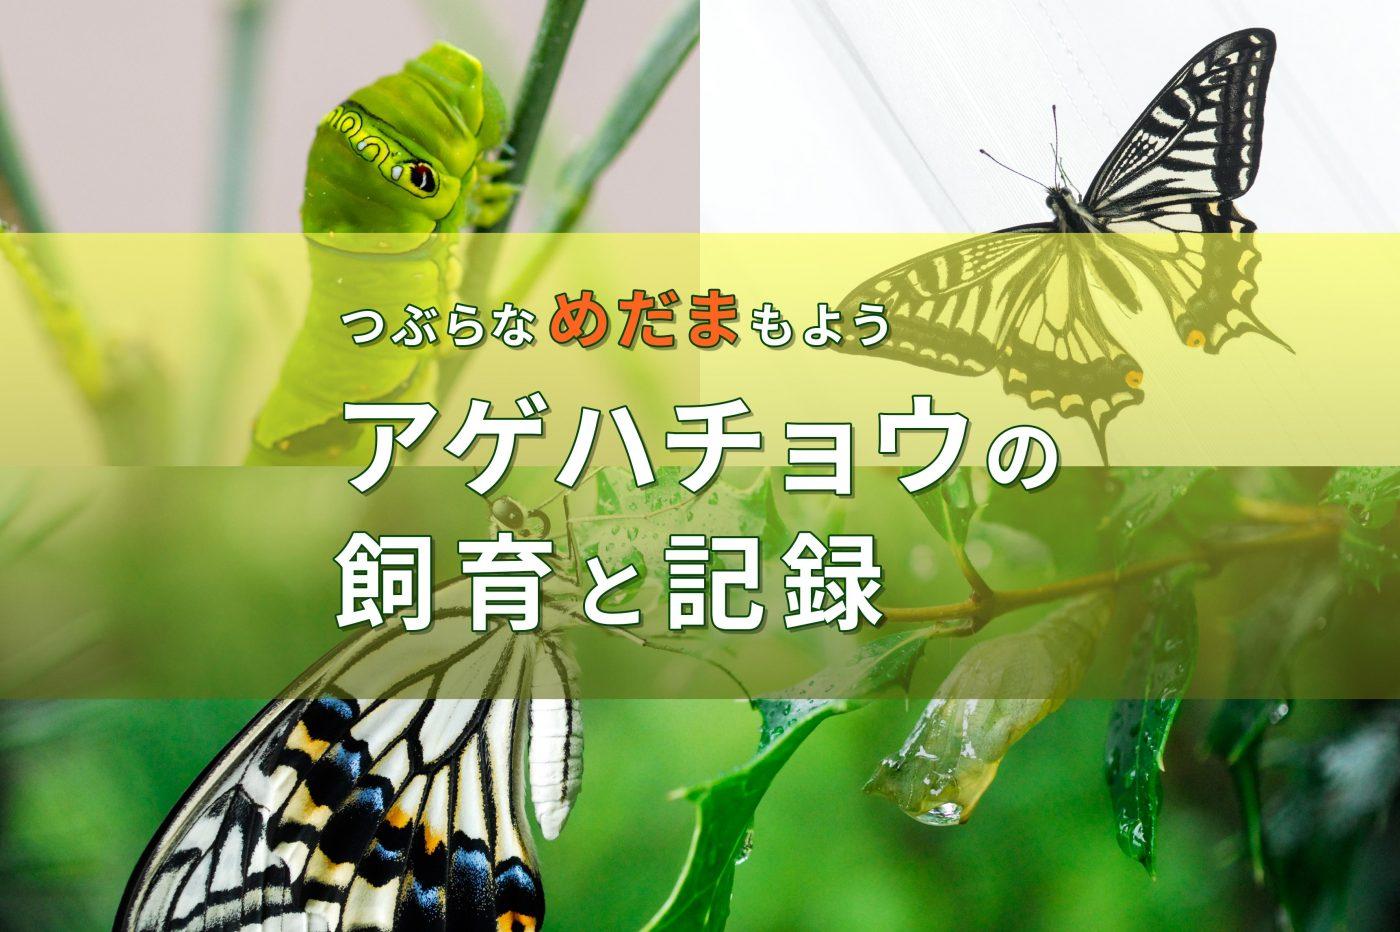 アゲハチョウの飼育